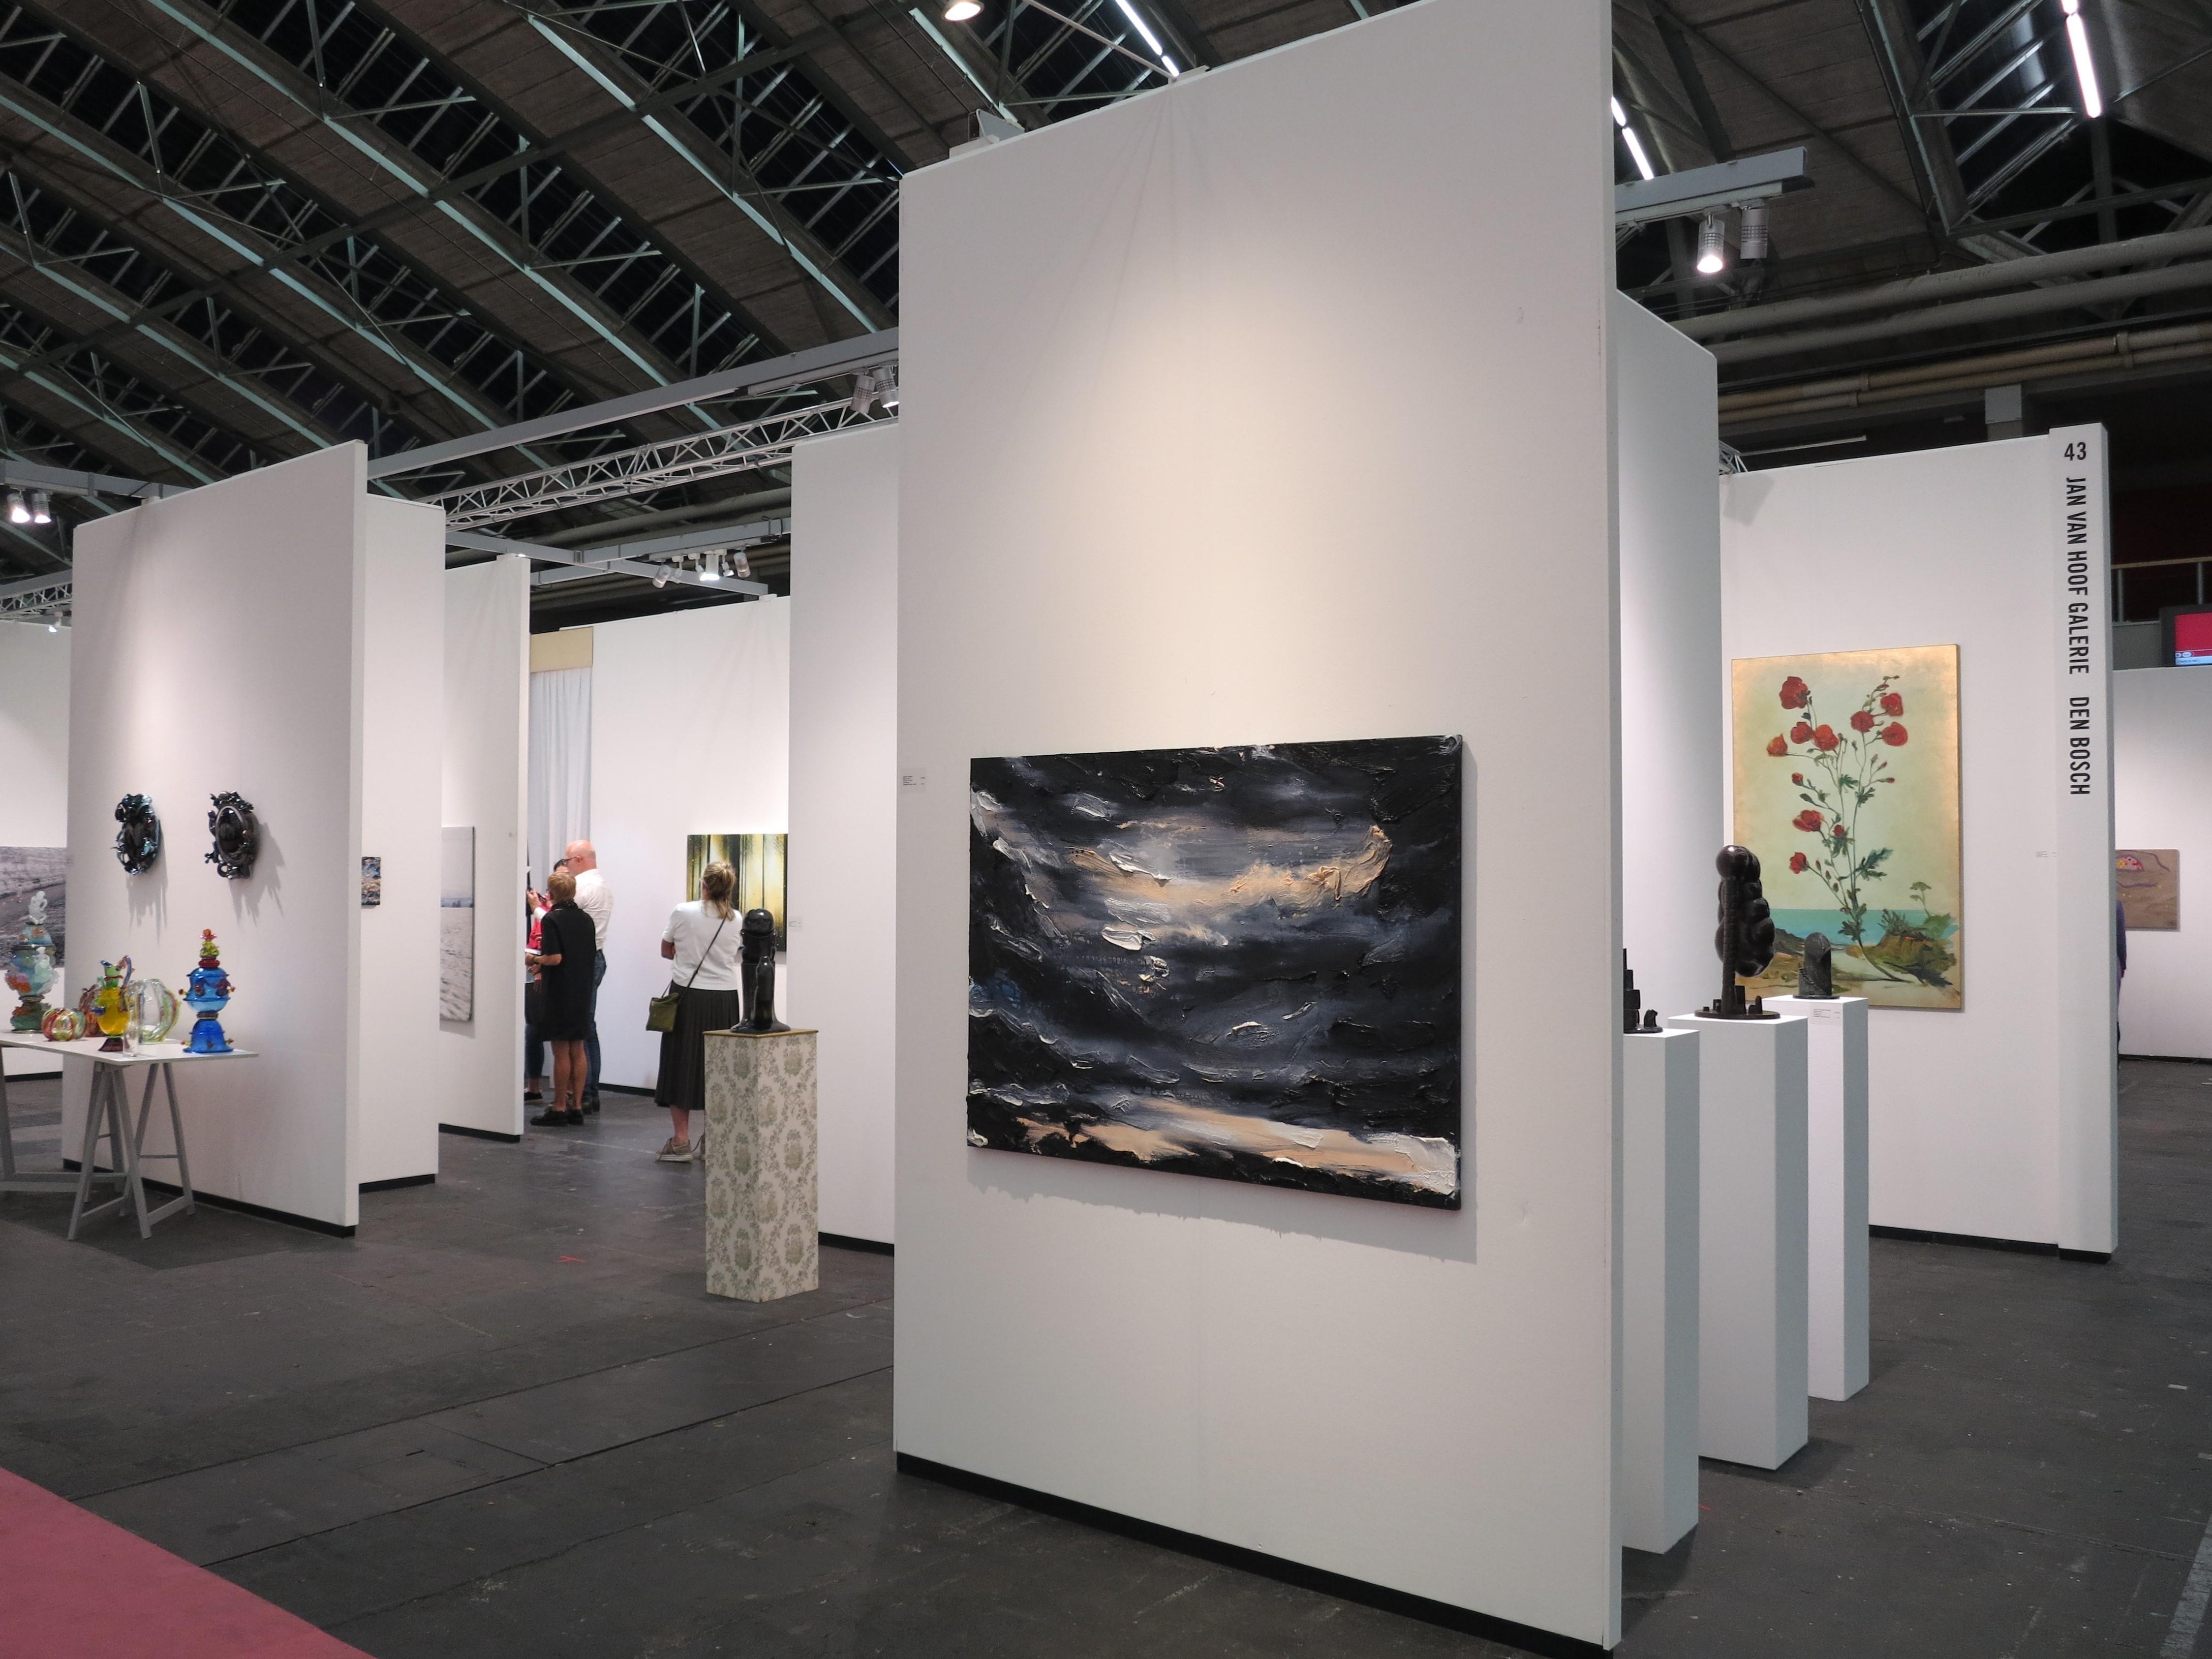 KunstRAI 2021, represented by Jan van Hoof Galerie, Amsterdam (2021)